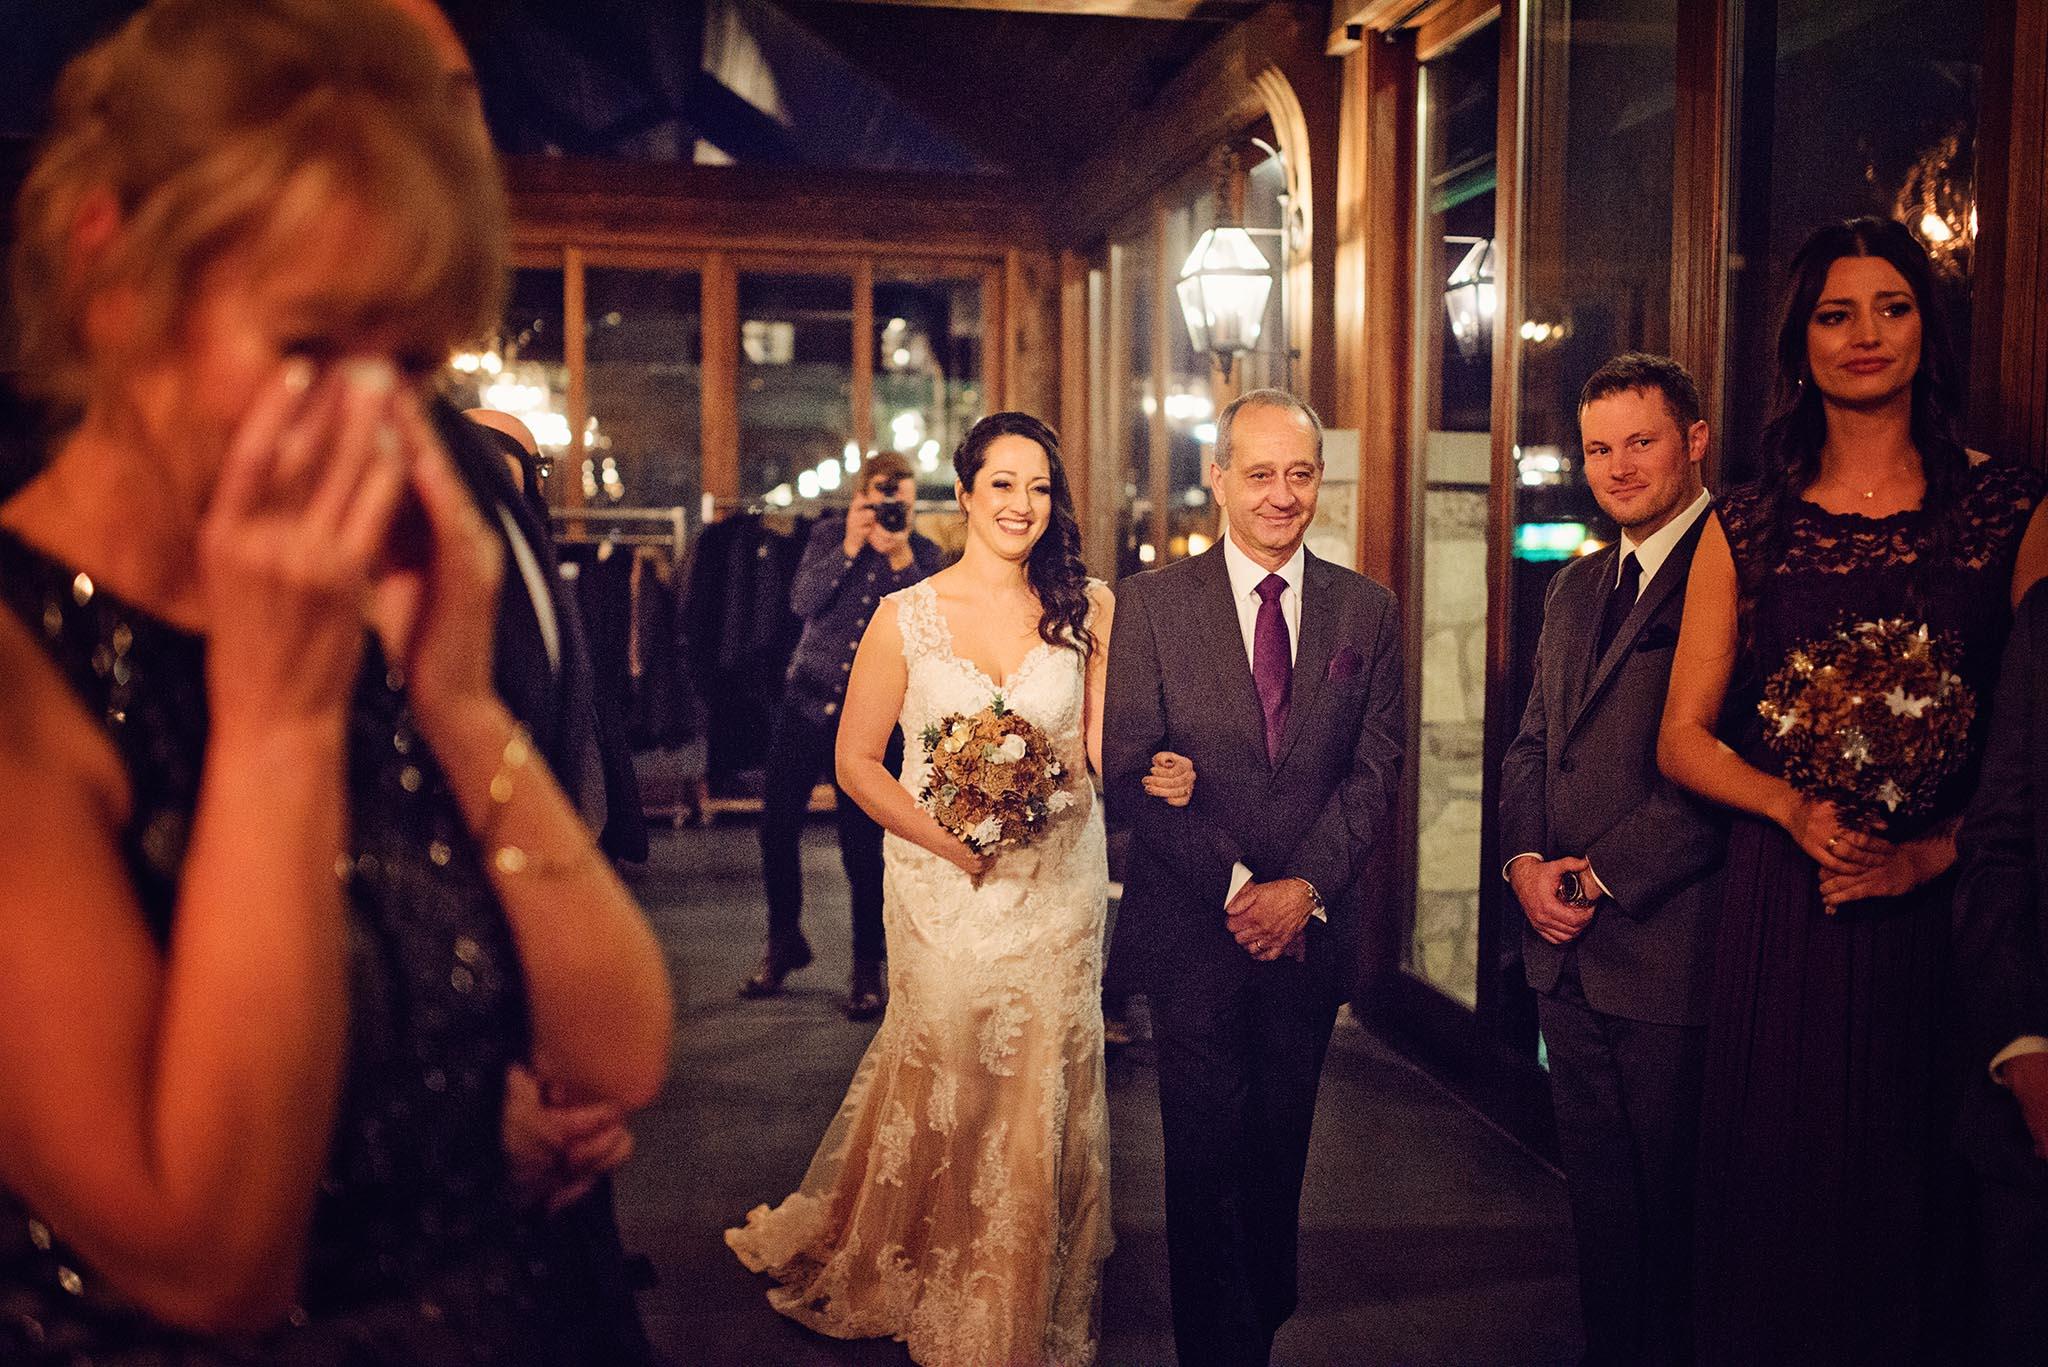 Peter-Bendevis-Photography-Kris-Laura-Cambridge-Mill-Winter-Wedding13